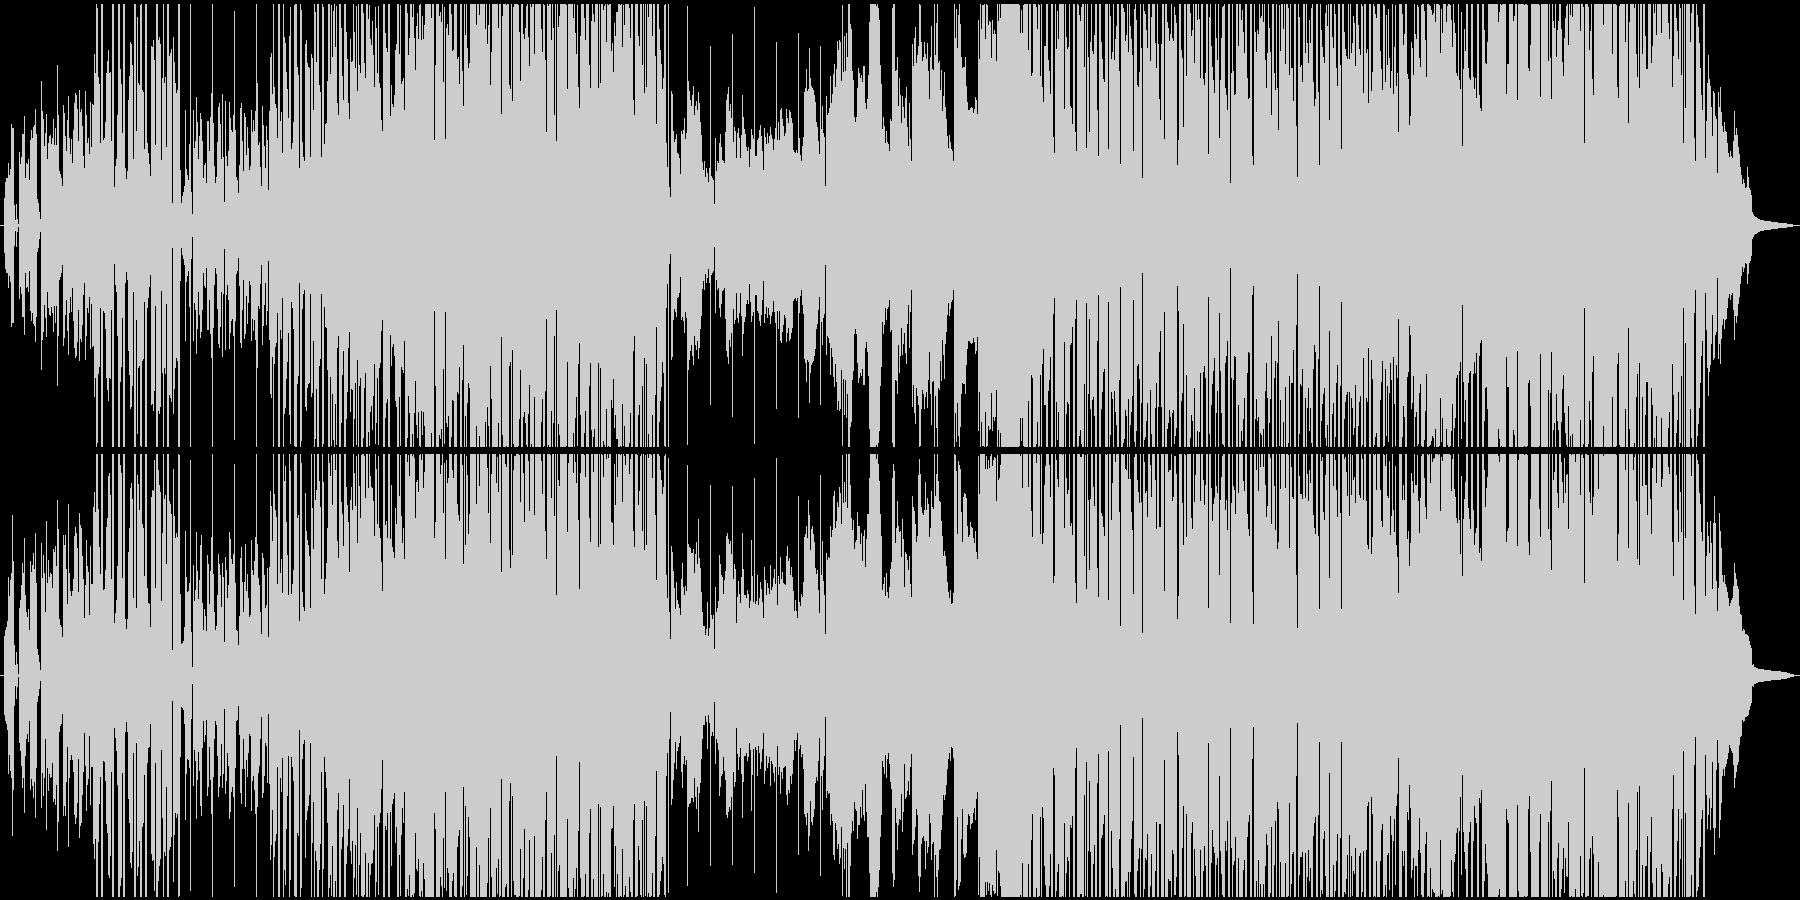 静かなバーで黄昏るR&B風バラードの未再生の波形